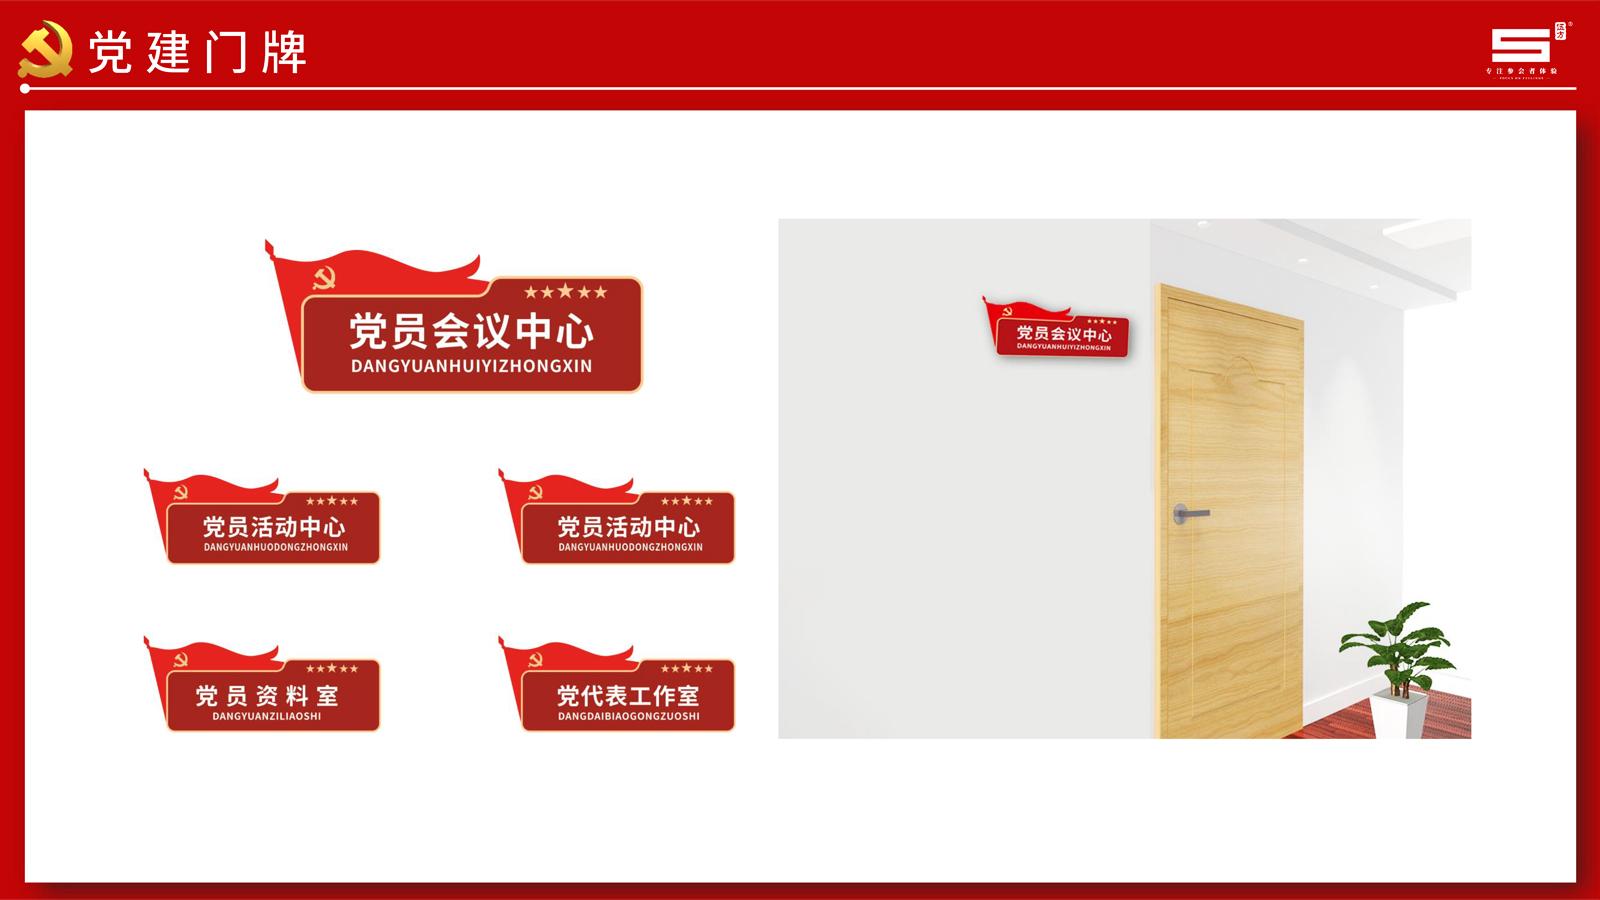 党员活动室门牌设计